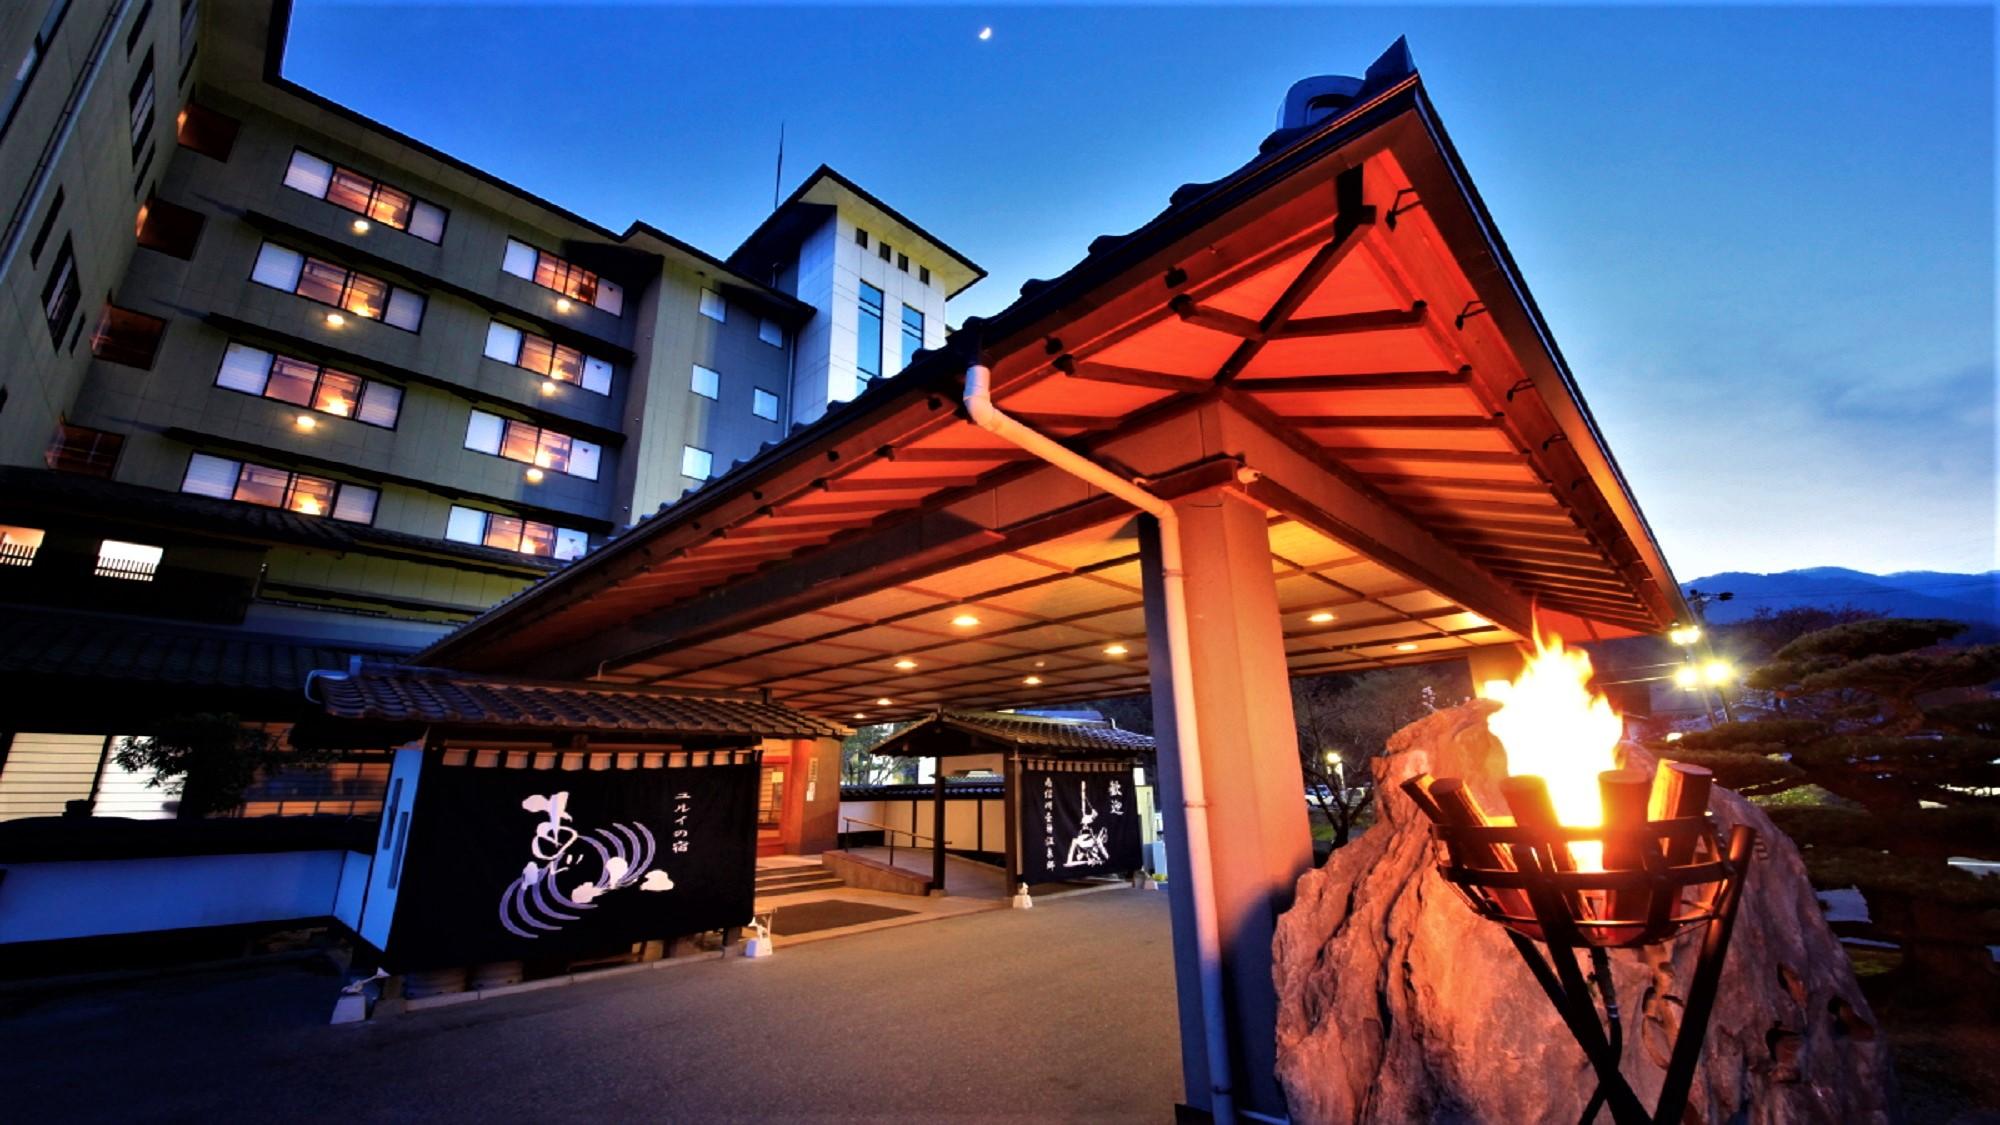 美肌の湯が堪能できる昼神温泉への夫婦旅におすすめの宿が知りたいです!